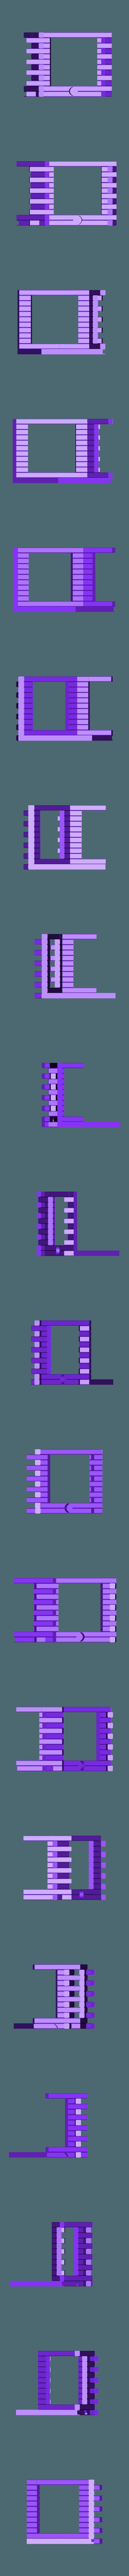 walls_part_3.stl Télécharger fichier STL gratuit Maison des oiseaux • Modèle pour imprimante 3D, poblocki1982